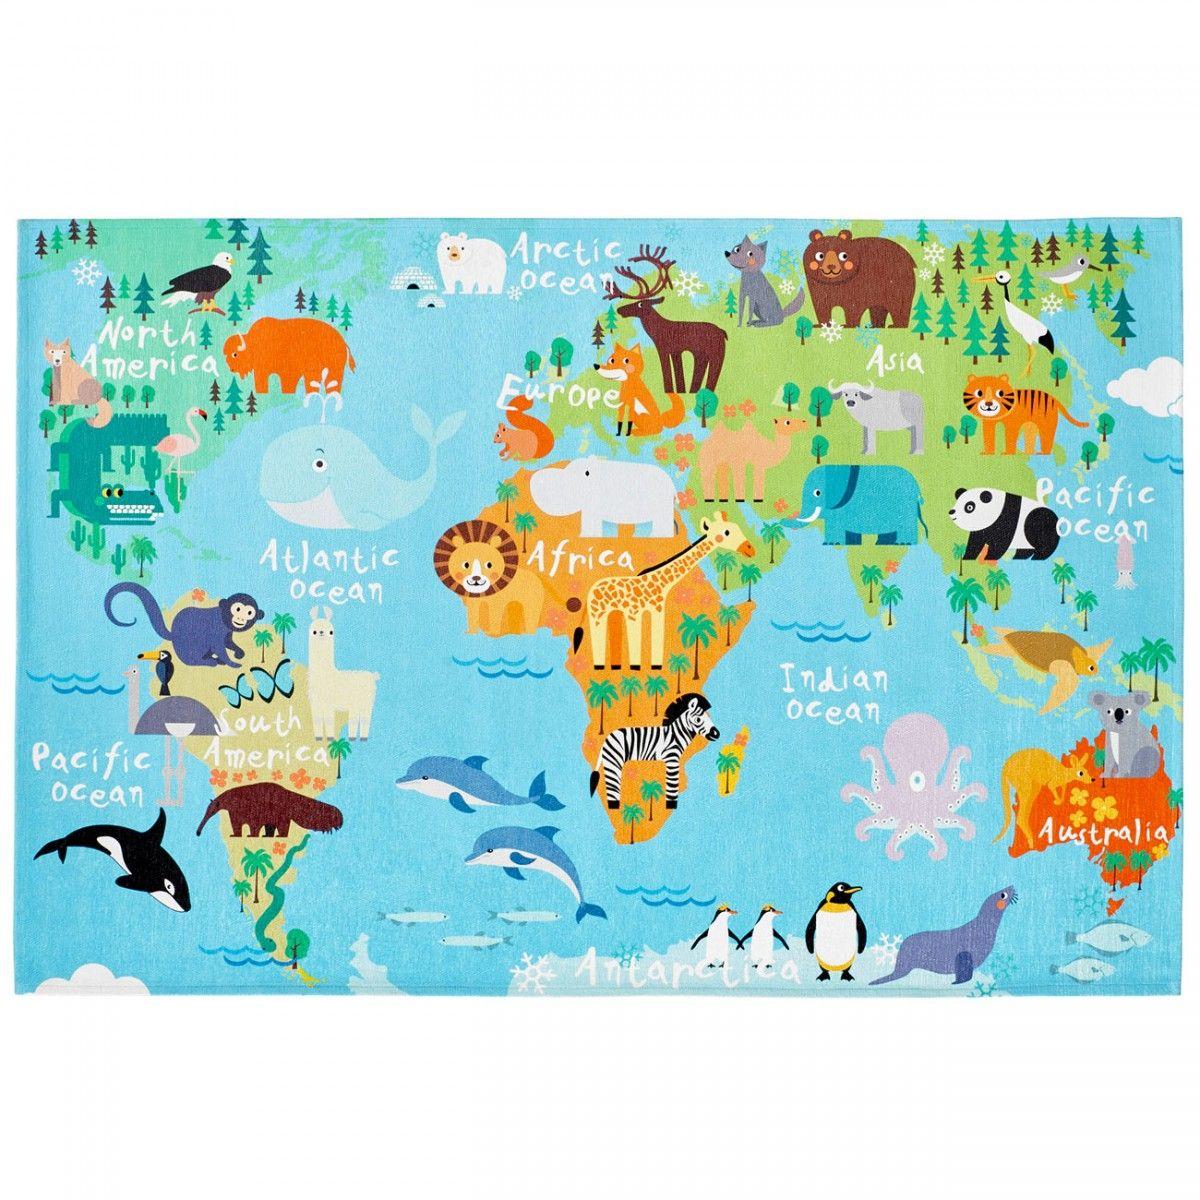 My Torino Kids Tok 233 World Map Rug Therugshopuk Nursery